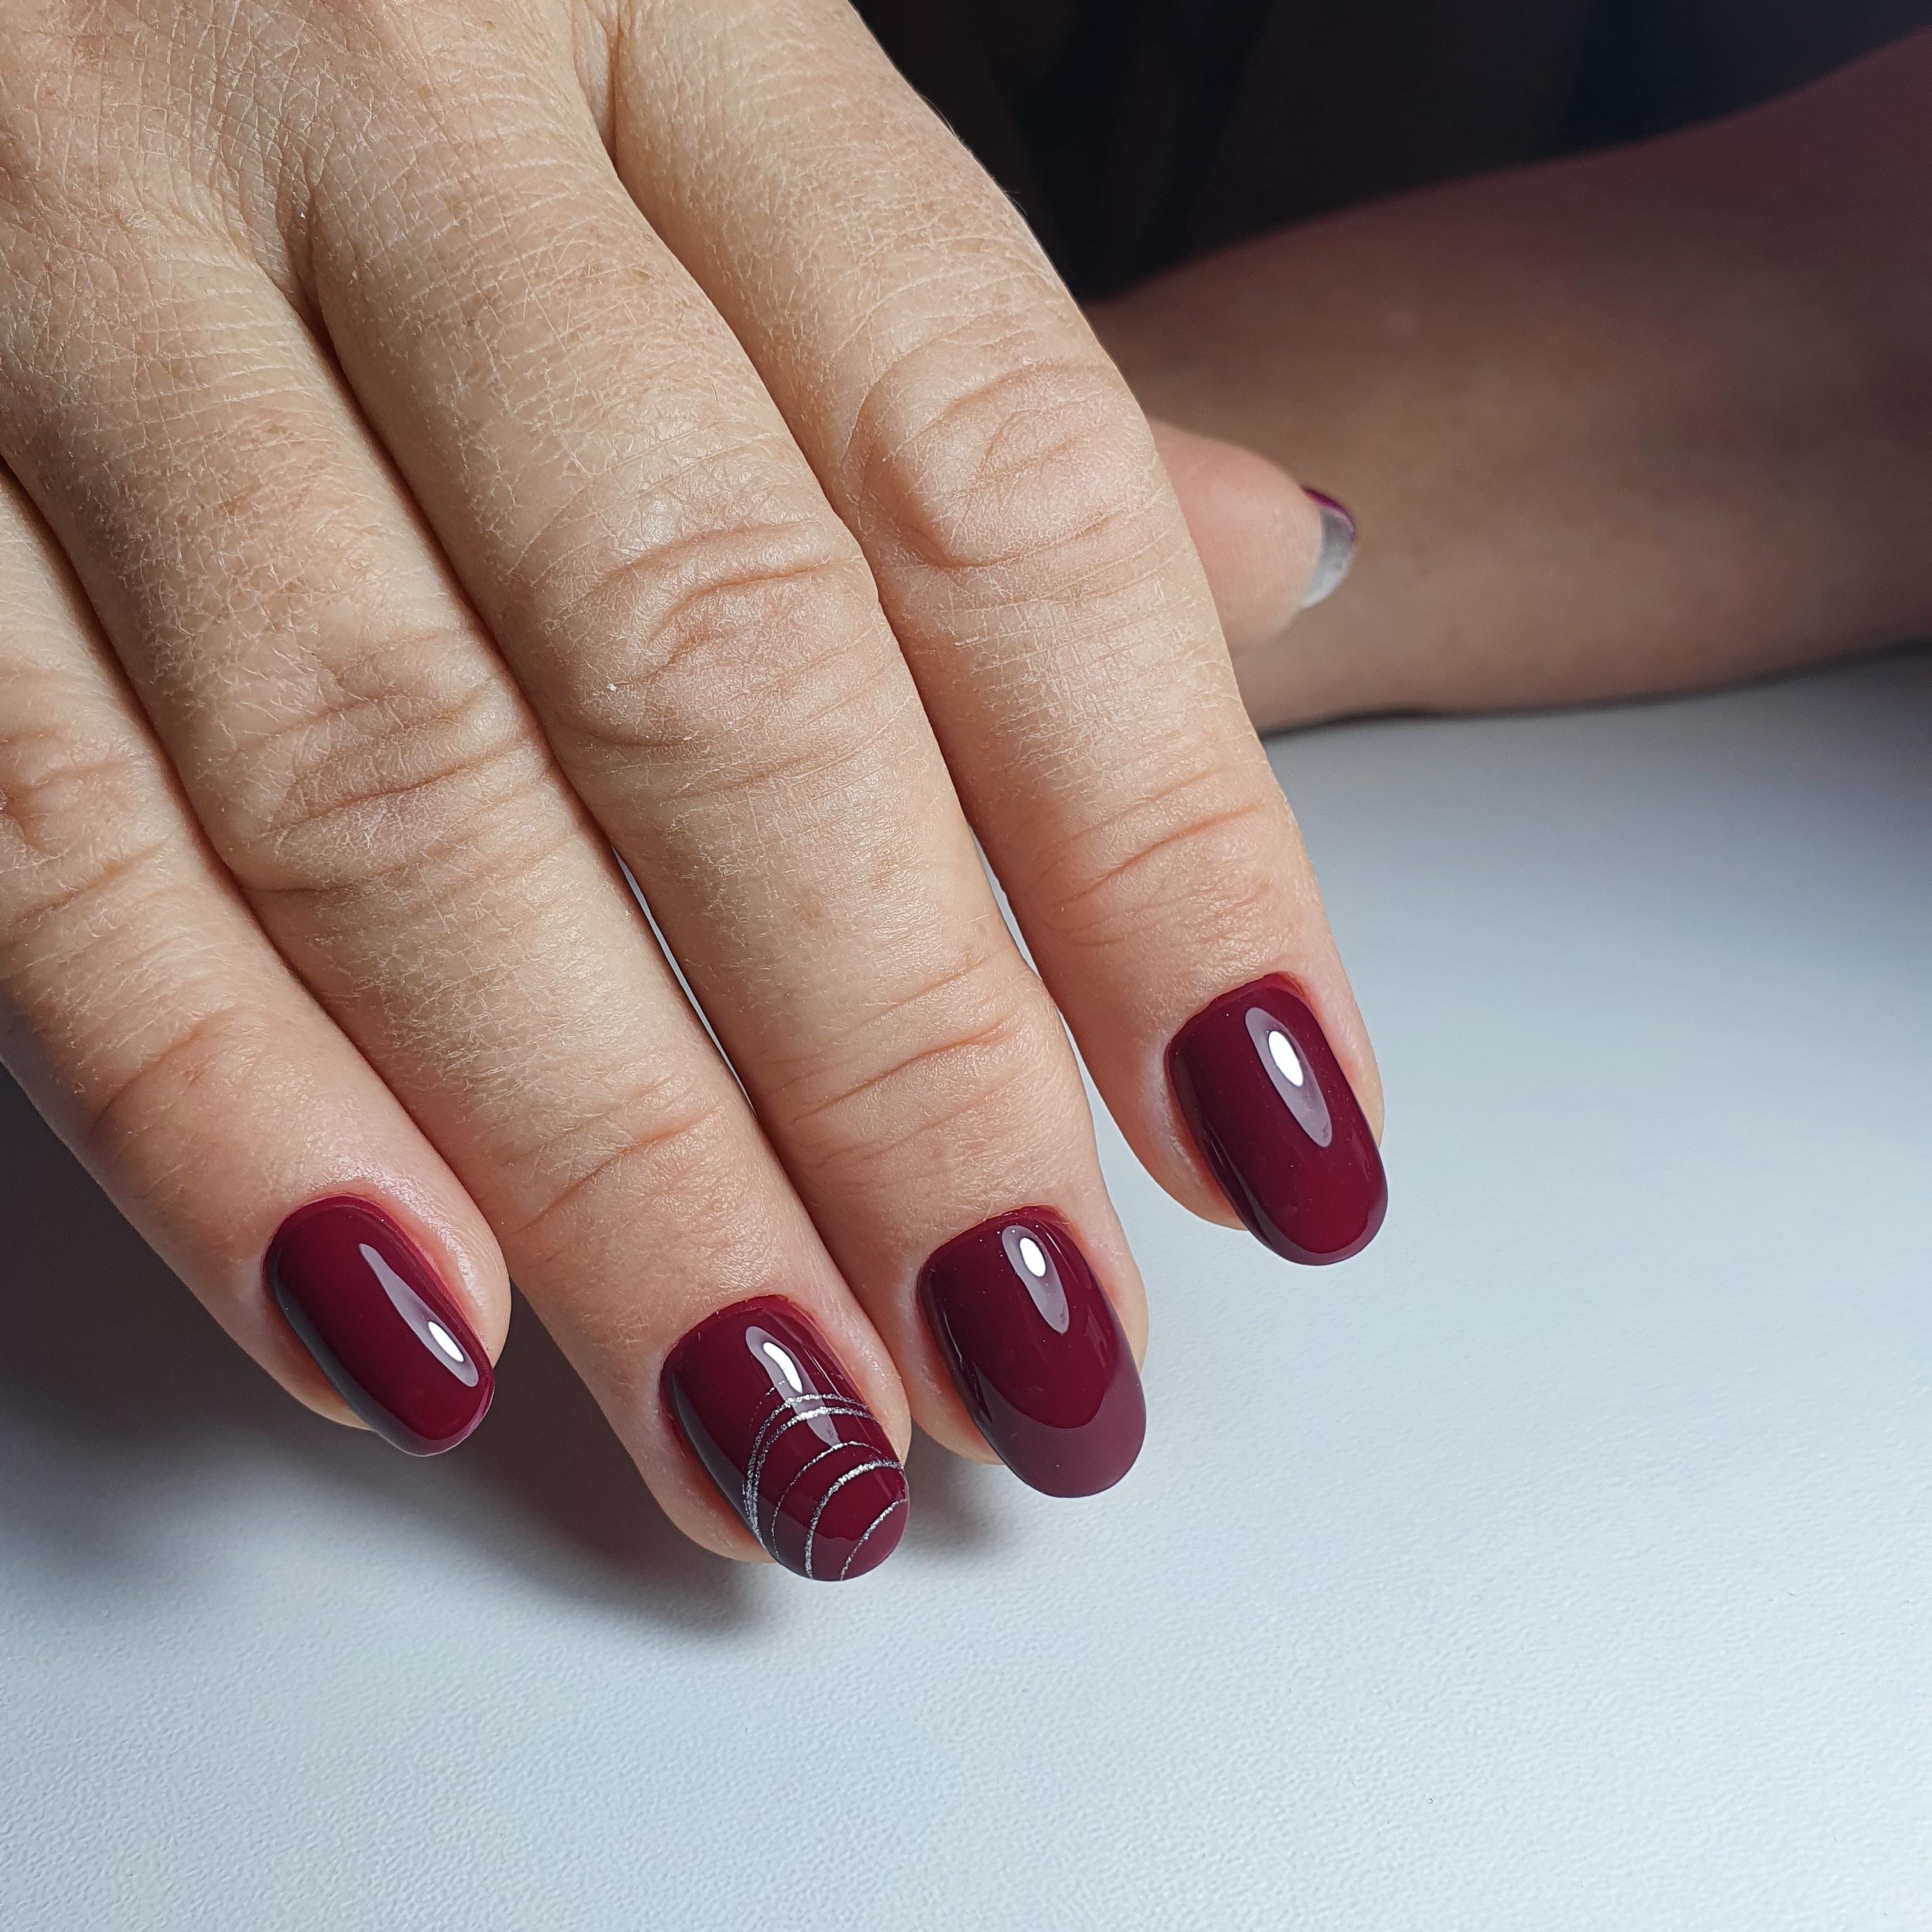 Маникюр с паутинкой в темно-красном цвете на короткие ногти.